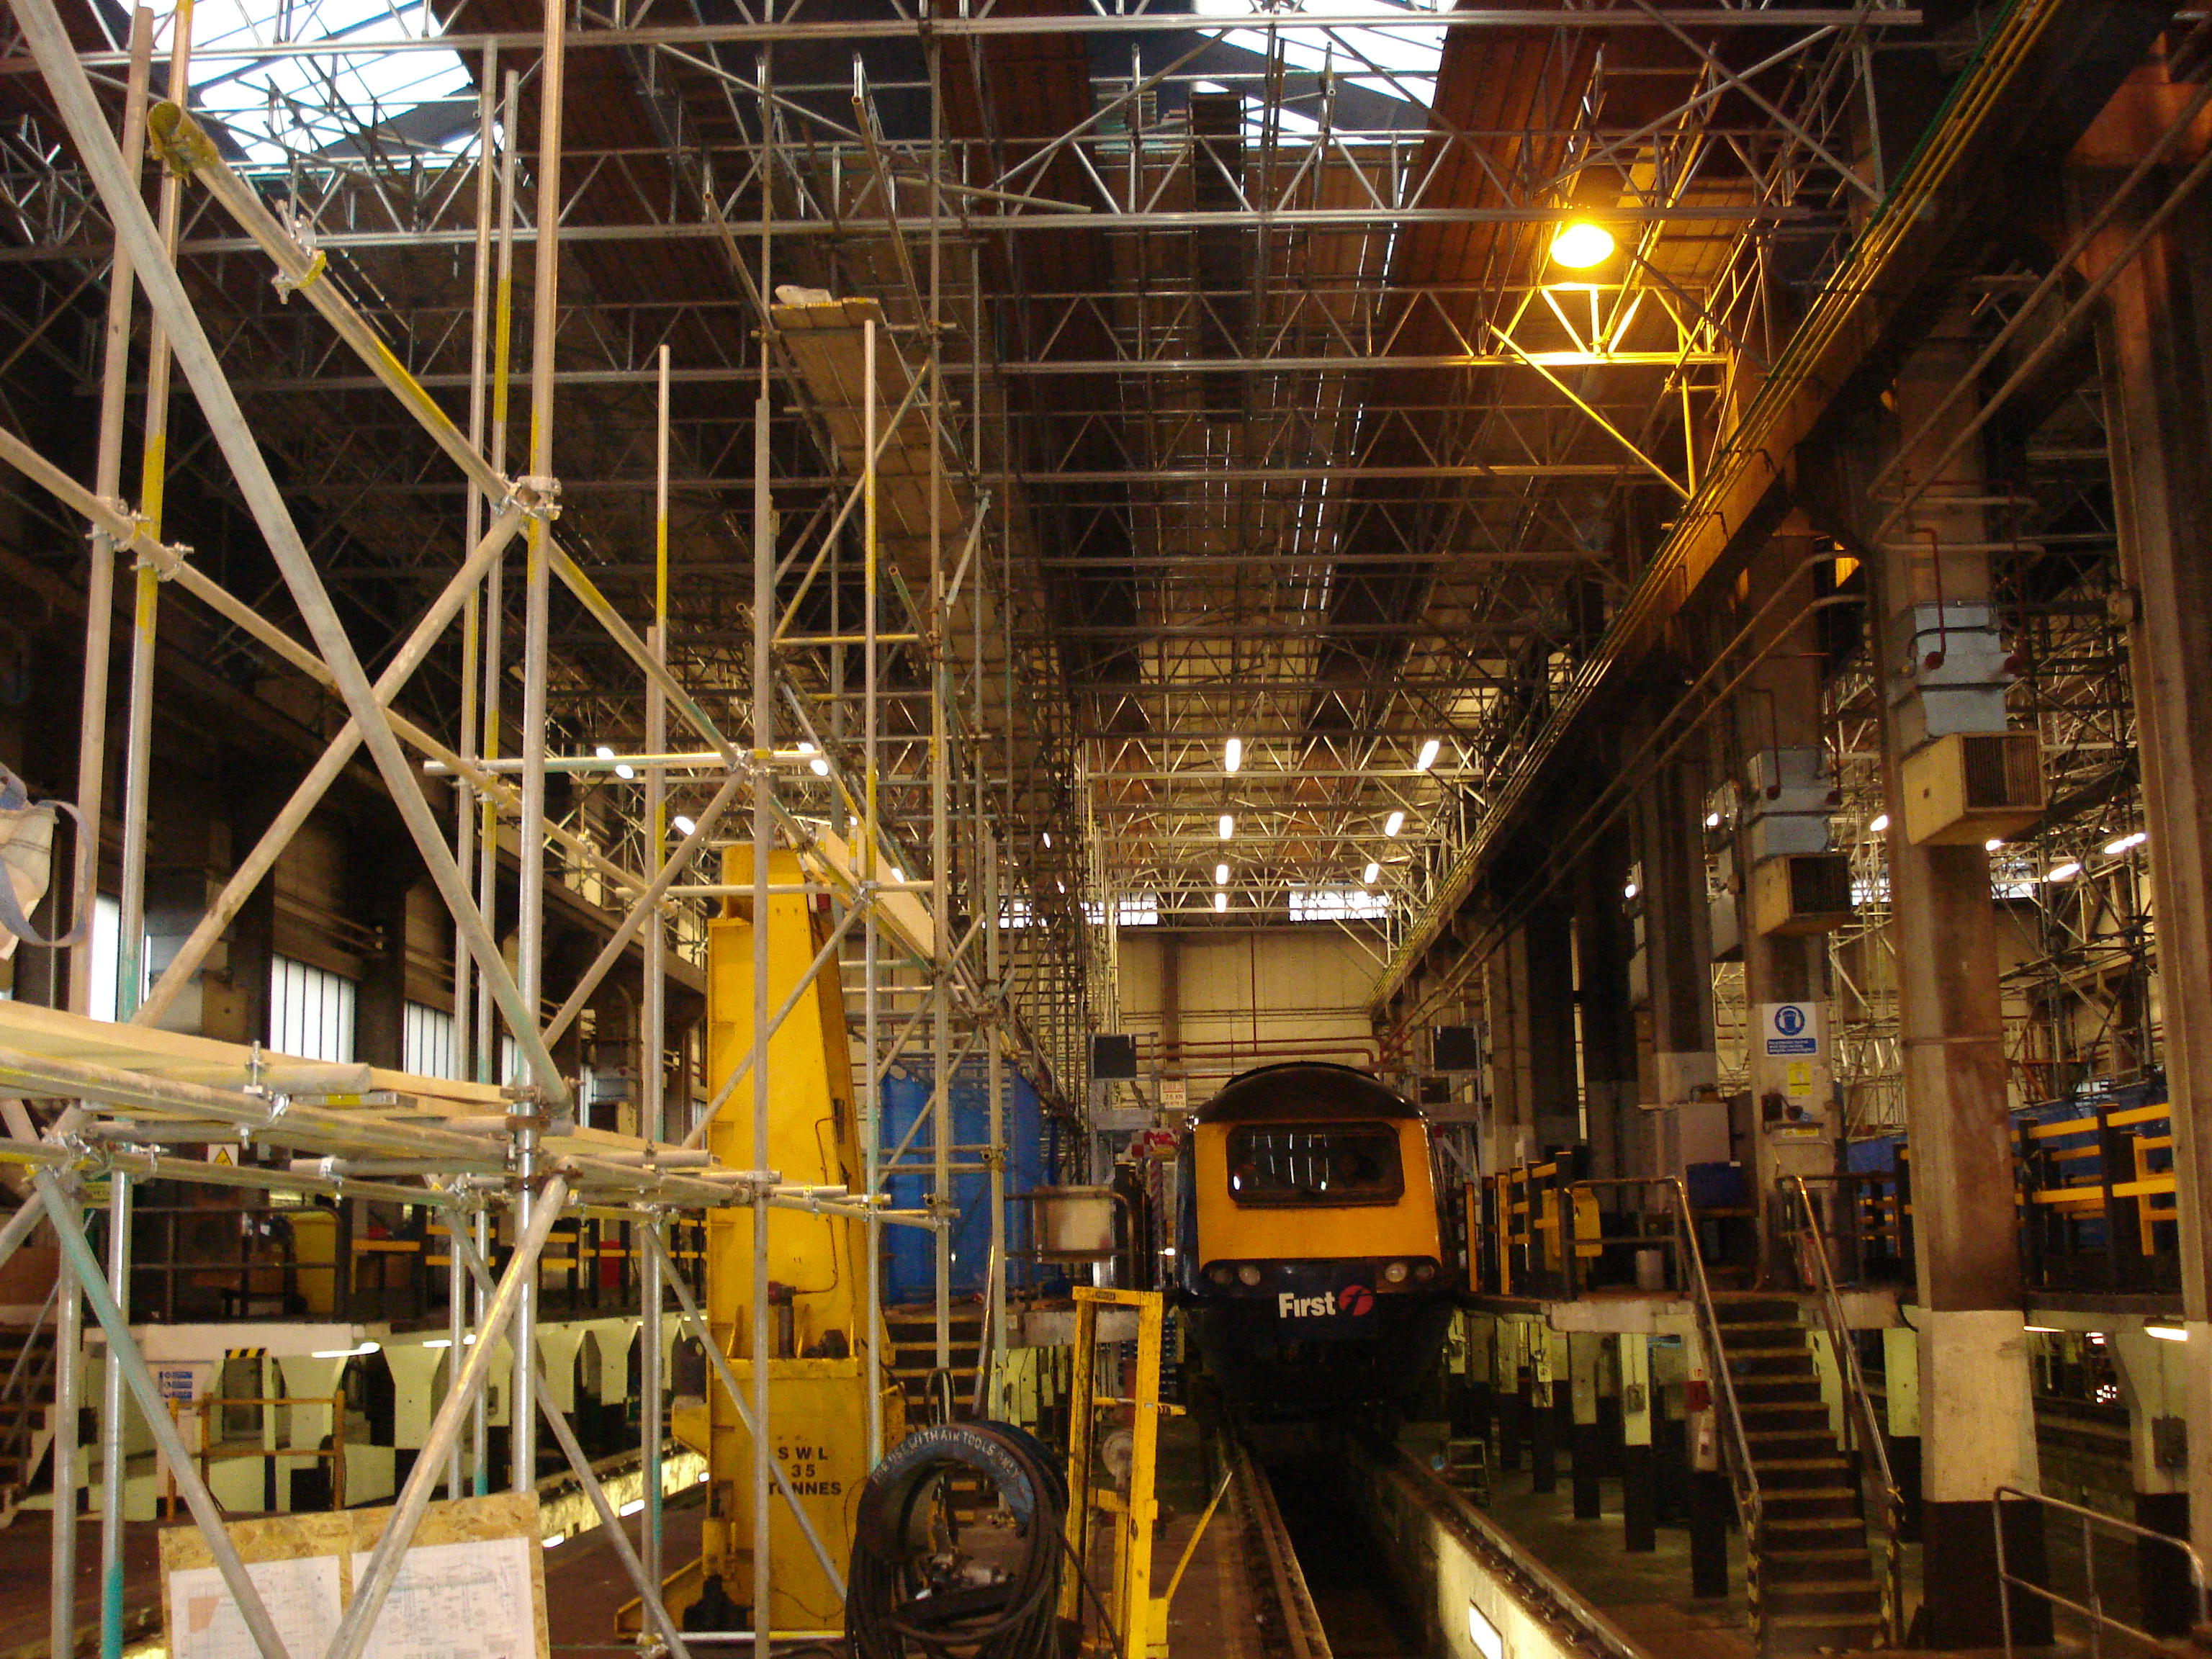 landore-depot,-swansea-image-6